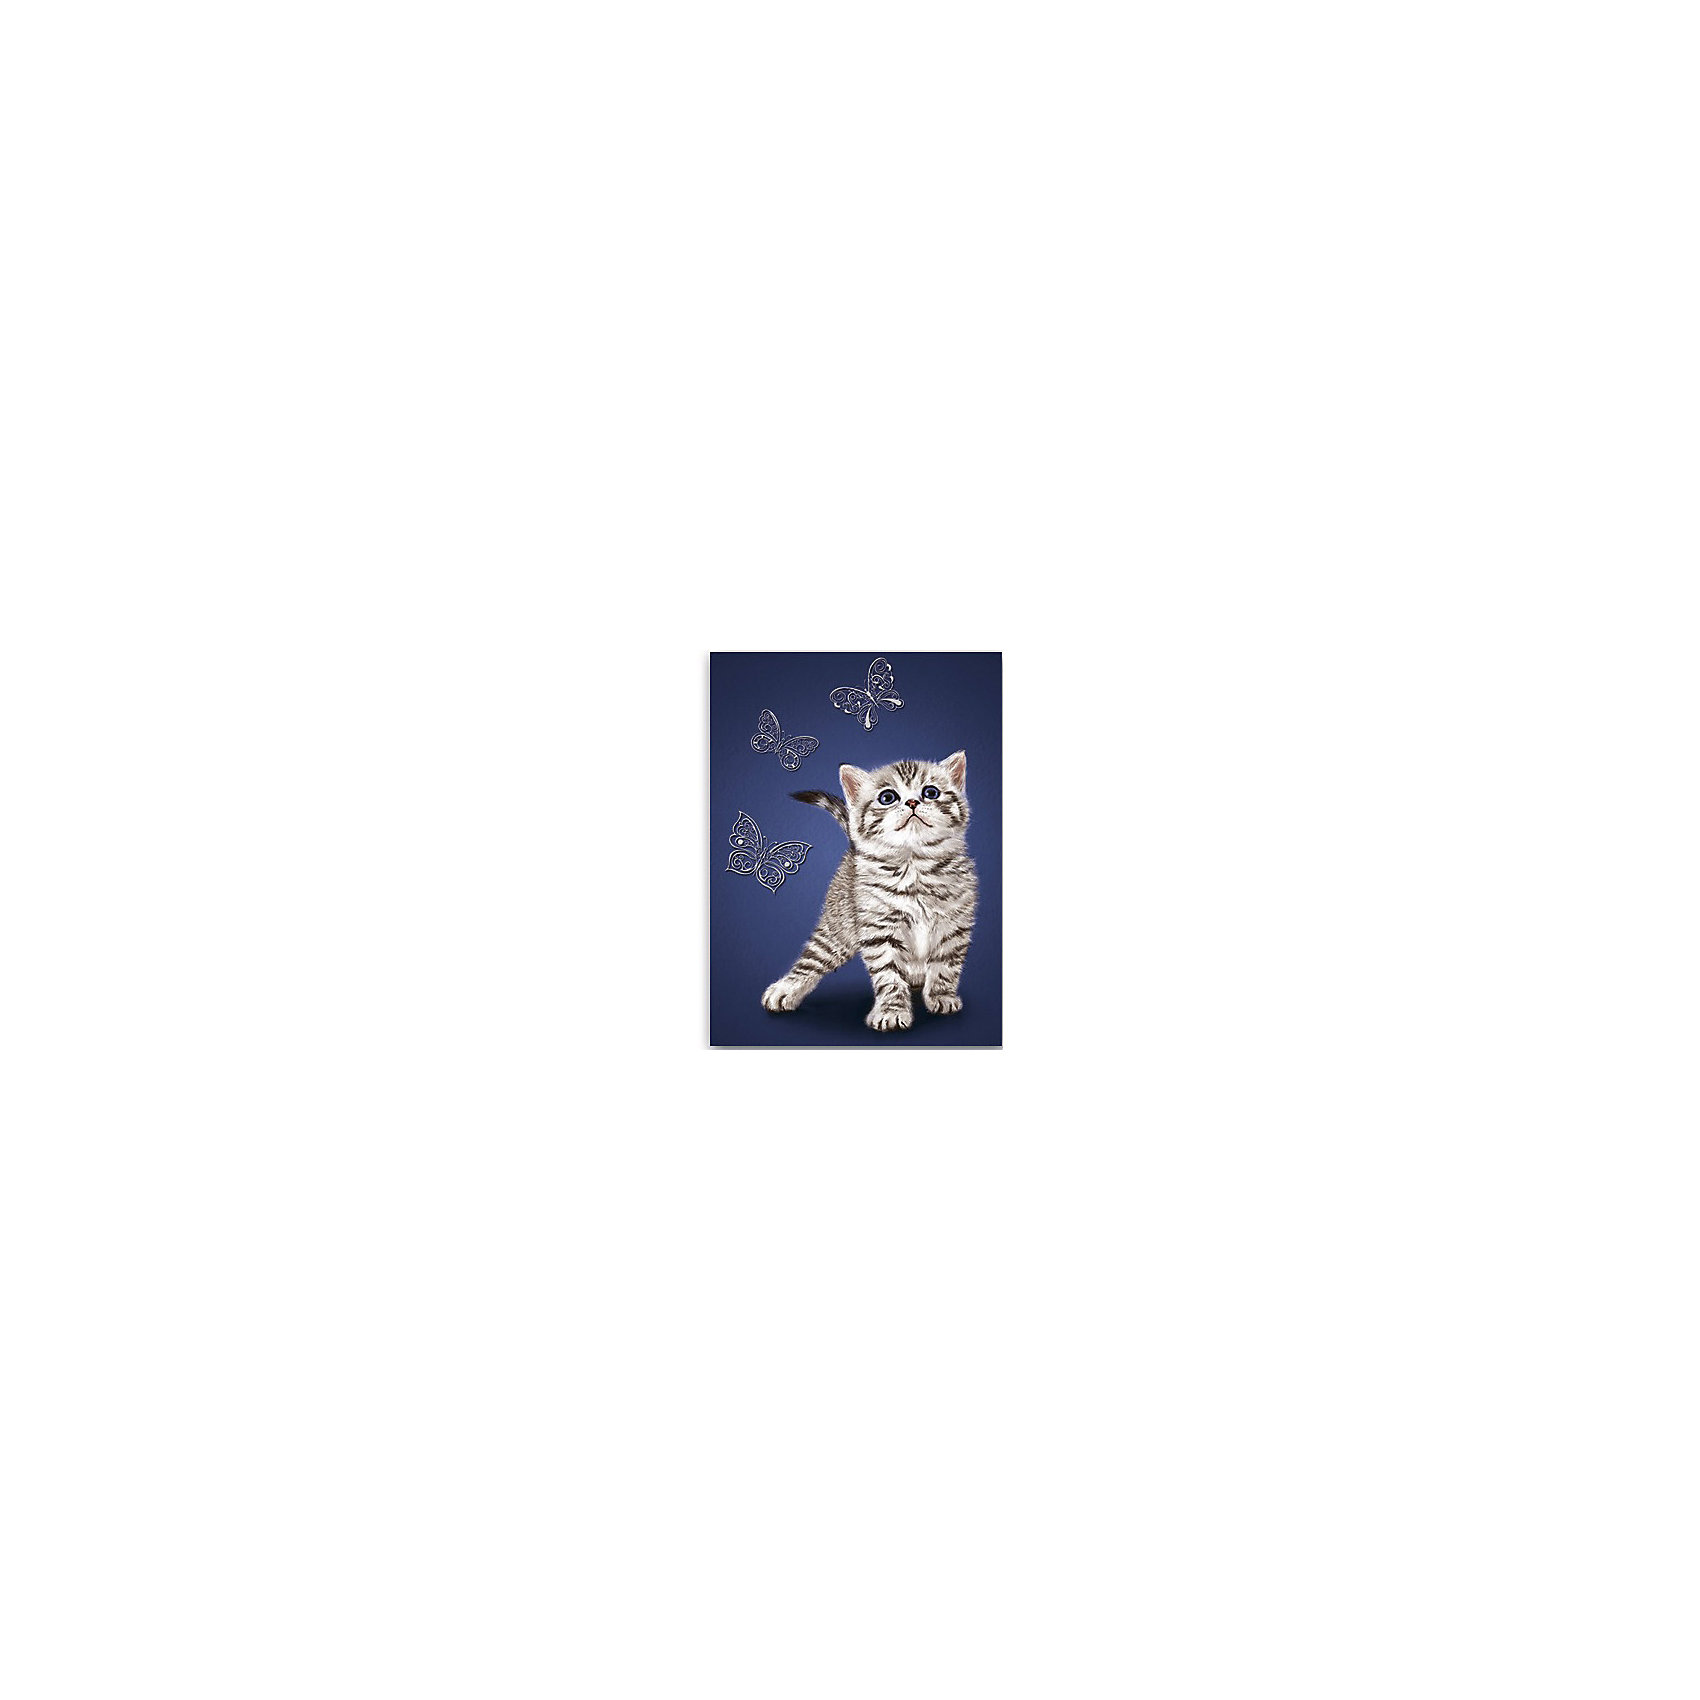 Записная книжка Котенок А6, 160 листовБумажная продукция<br>Красивая записная книжка, украшенная оригинальным рисунком, стразами и фольгой обязательно понравится девочке и станет желанным подарком на любой праздник. Плотные страницы идеально подойдут для рисунков и записей, а прочная красивая обложка надежно сохранит все девичьи секреты!  <br>Небольшой формат позволяет брать записную книжку куда угодно - она запросто поместится в любой сумочке и всегда будет под рукой! <br><br>Дополнительная информация:<br><br>- Обложка: твердая, 7БЦ с печатью по металлизированной бумаге, тиснение серебряной фольгой. <br>- Количество страниц: 160.<br>- Формат А6 (15 х 11 см.).<br><br>Записную книжку Котенок, А6, можно купить в нашем магазине.<br><br>Ширина мм: 110<br>Глубина мм: 145<br>Высота мм: 10<br>Вес г: 130<br>Возраст от месяцев: 48<br>Возраст до месяцев: 2147483647<br>Пол: Женский<br>Возраст: Детский<br>SKU: 4756030